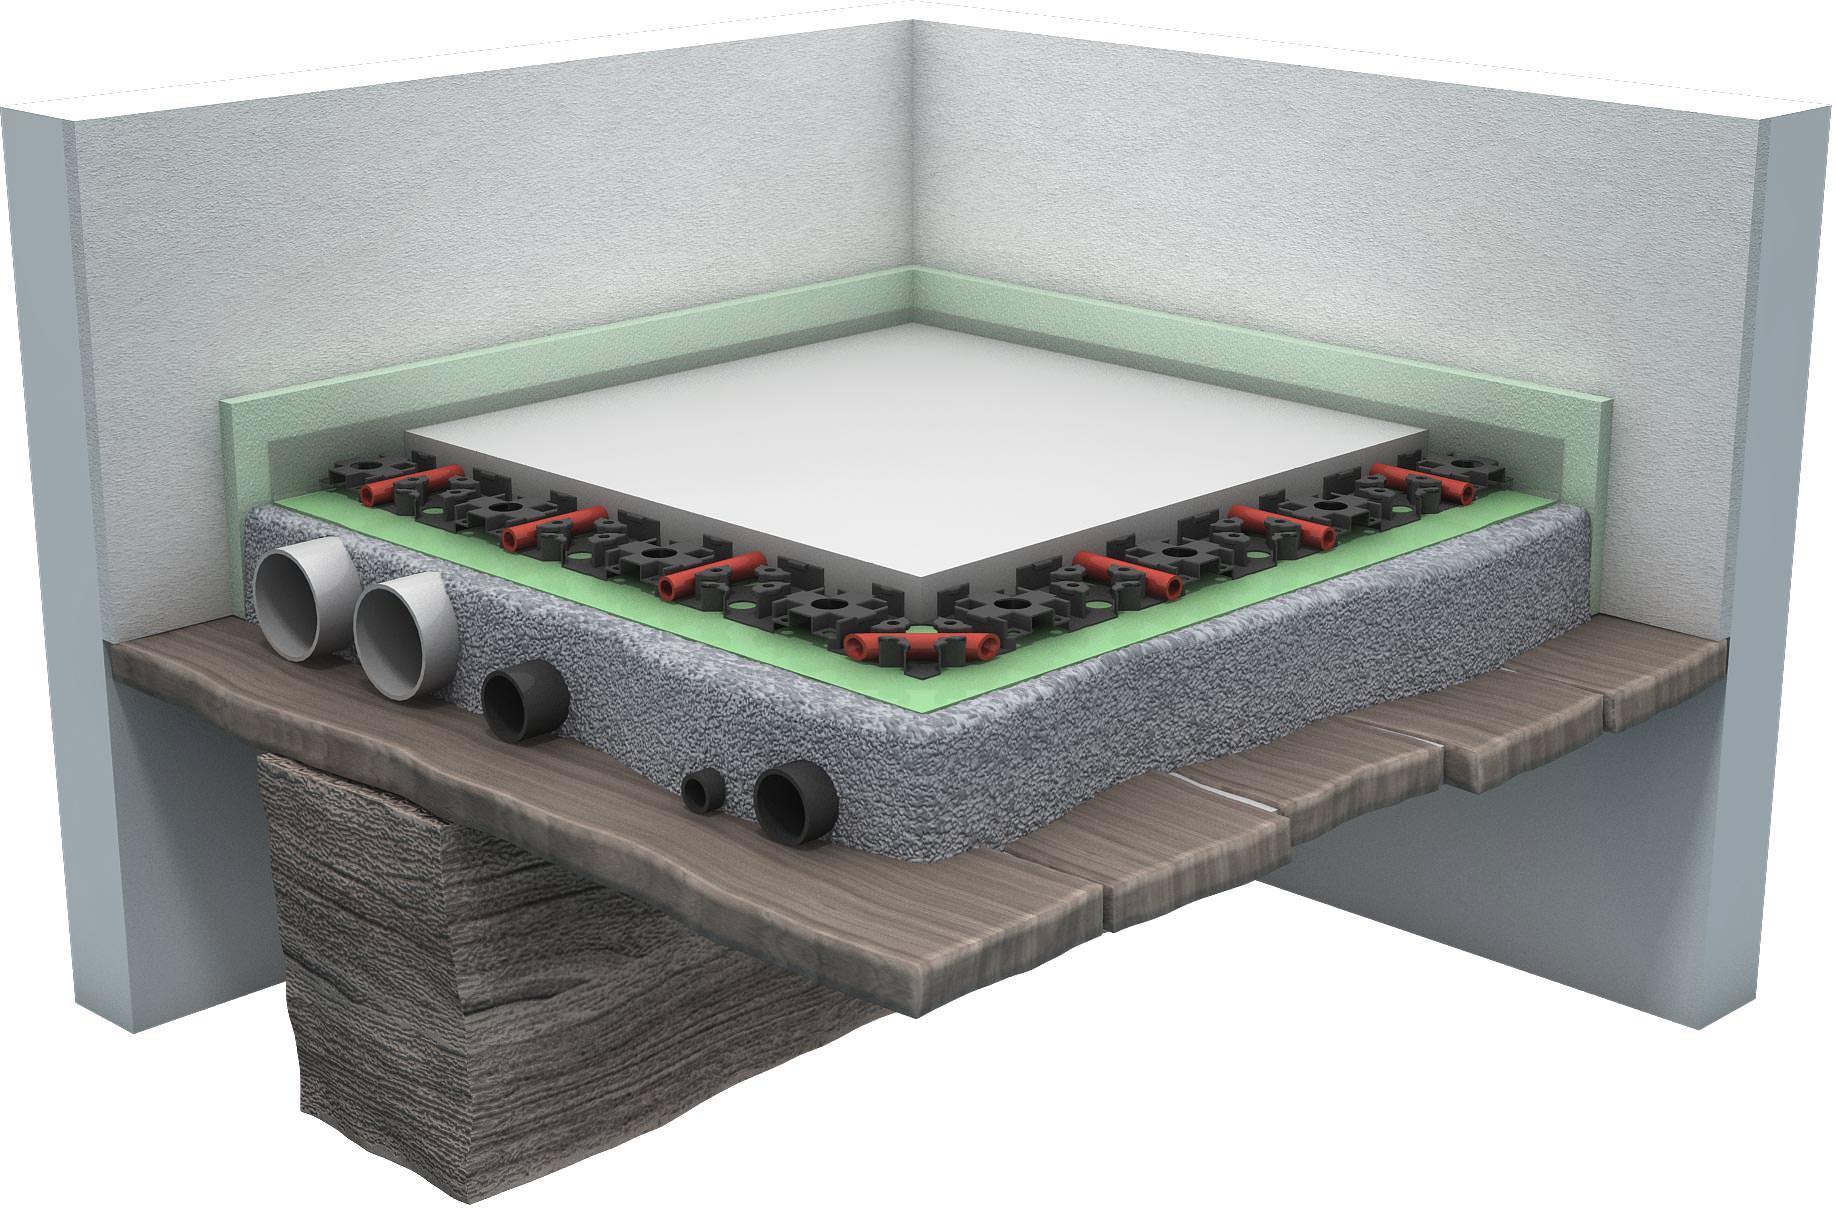 Zementgebundener Leichtausgleichmortel Fur Den Schnellen Bodenausgleich Neu Von Knauf